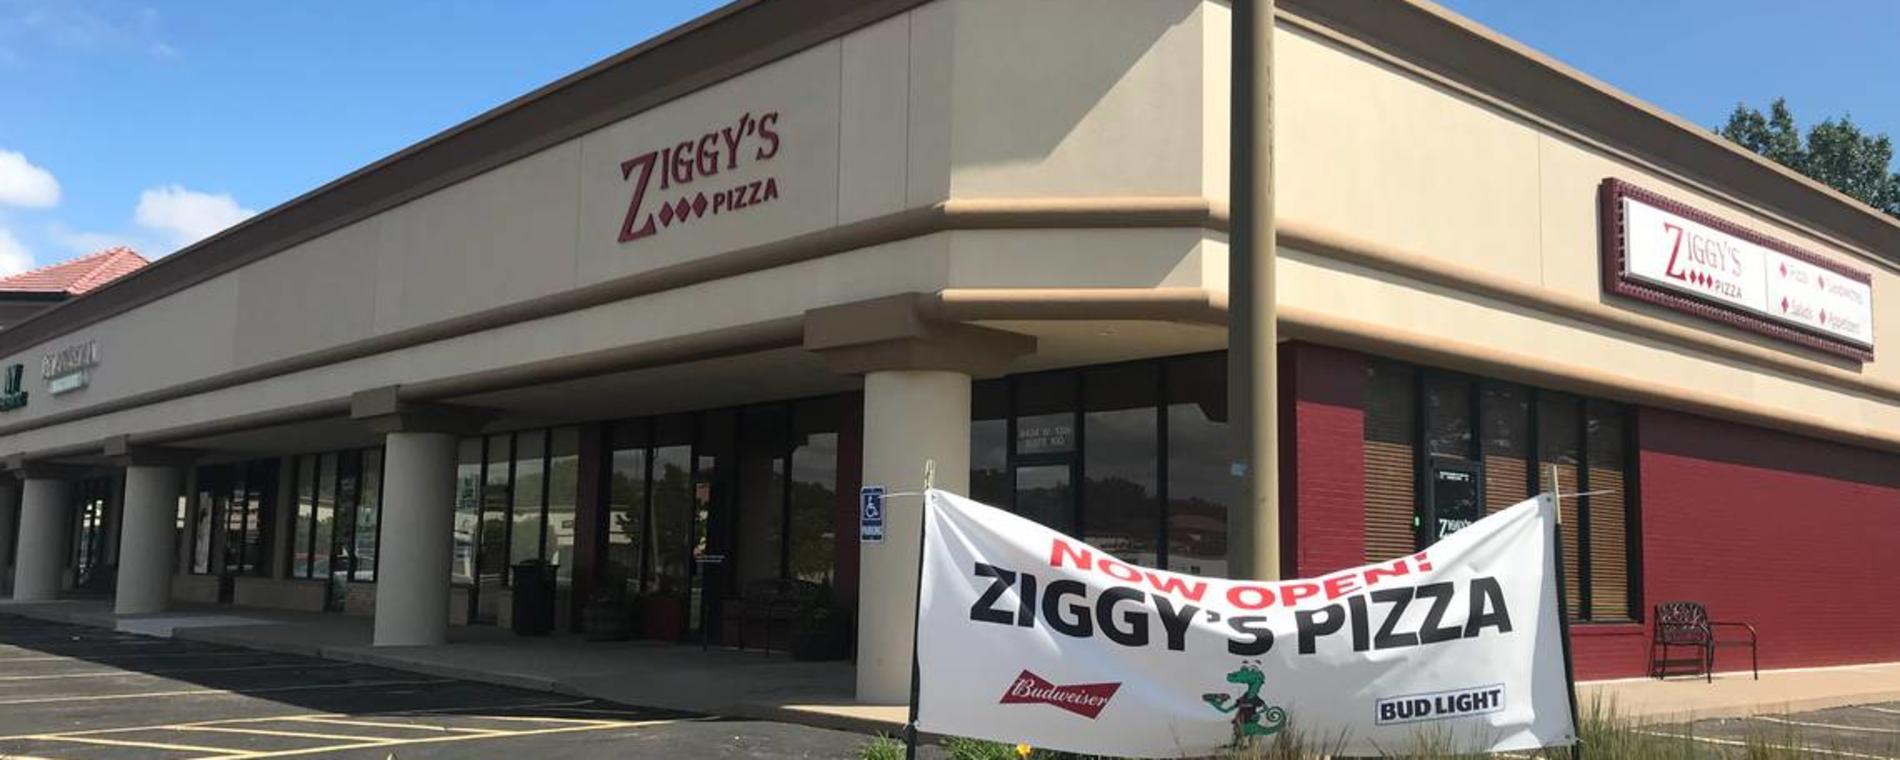 Ziggy's West exterior Visit Wichita